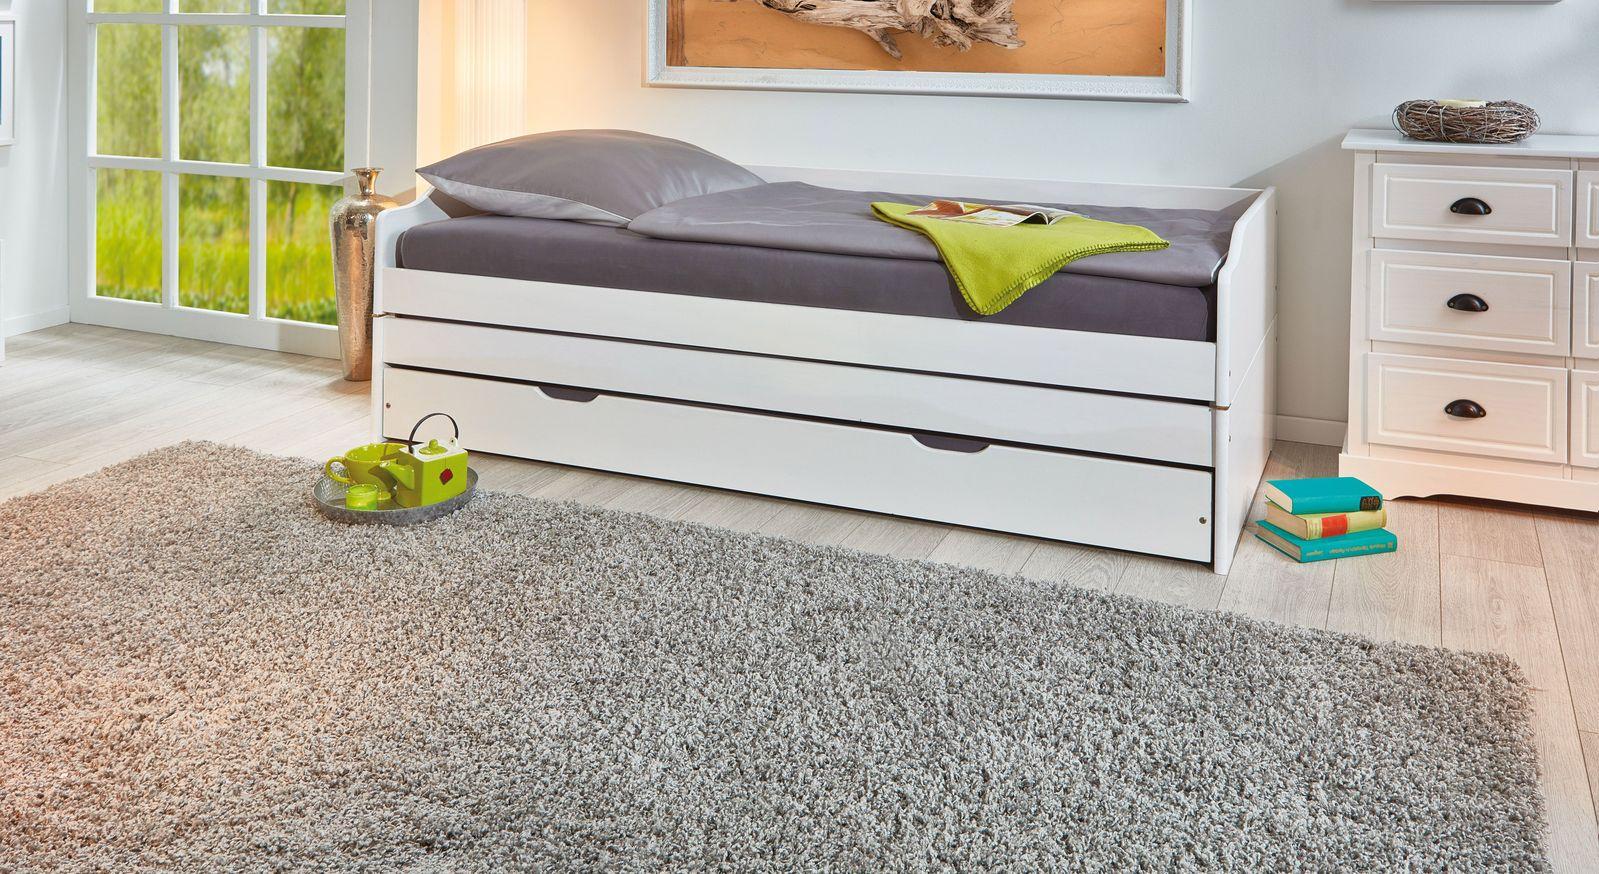 3-in-1 Funktionsbett als Gäste- oder Kinderbett